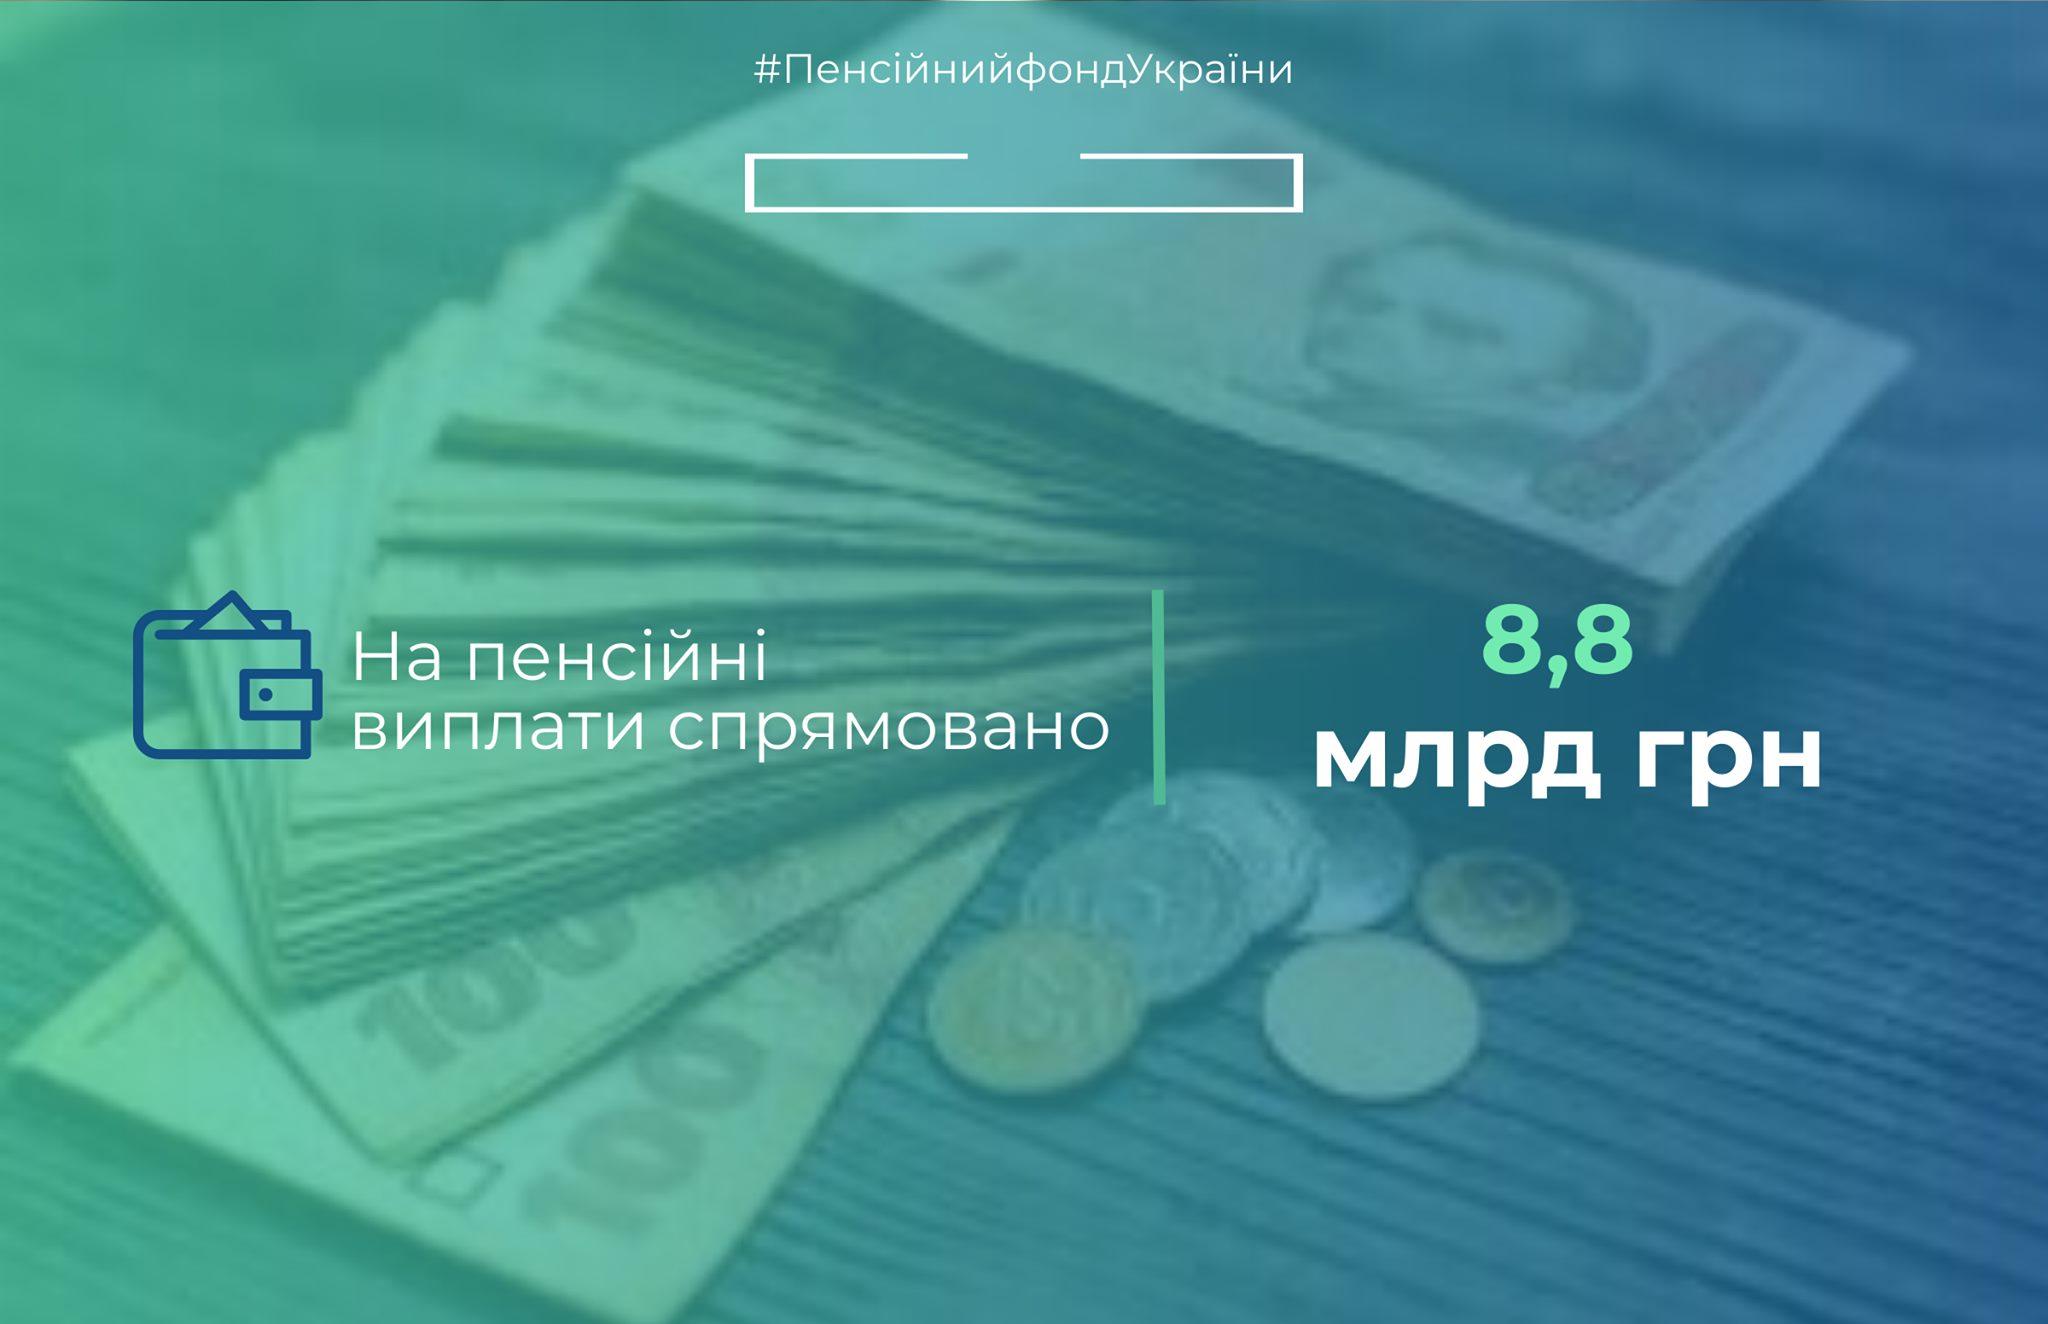 Гроші пішли: в Україні на пенсії направили мільярди гривень